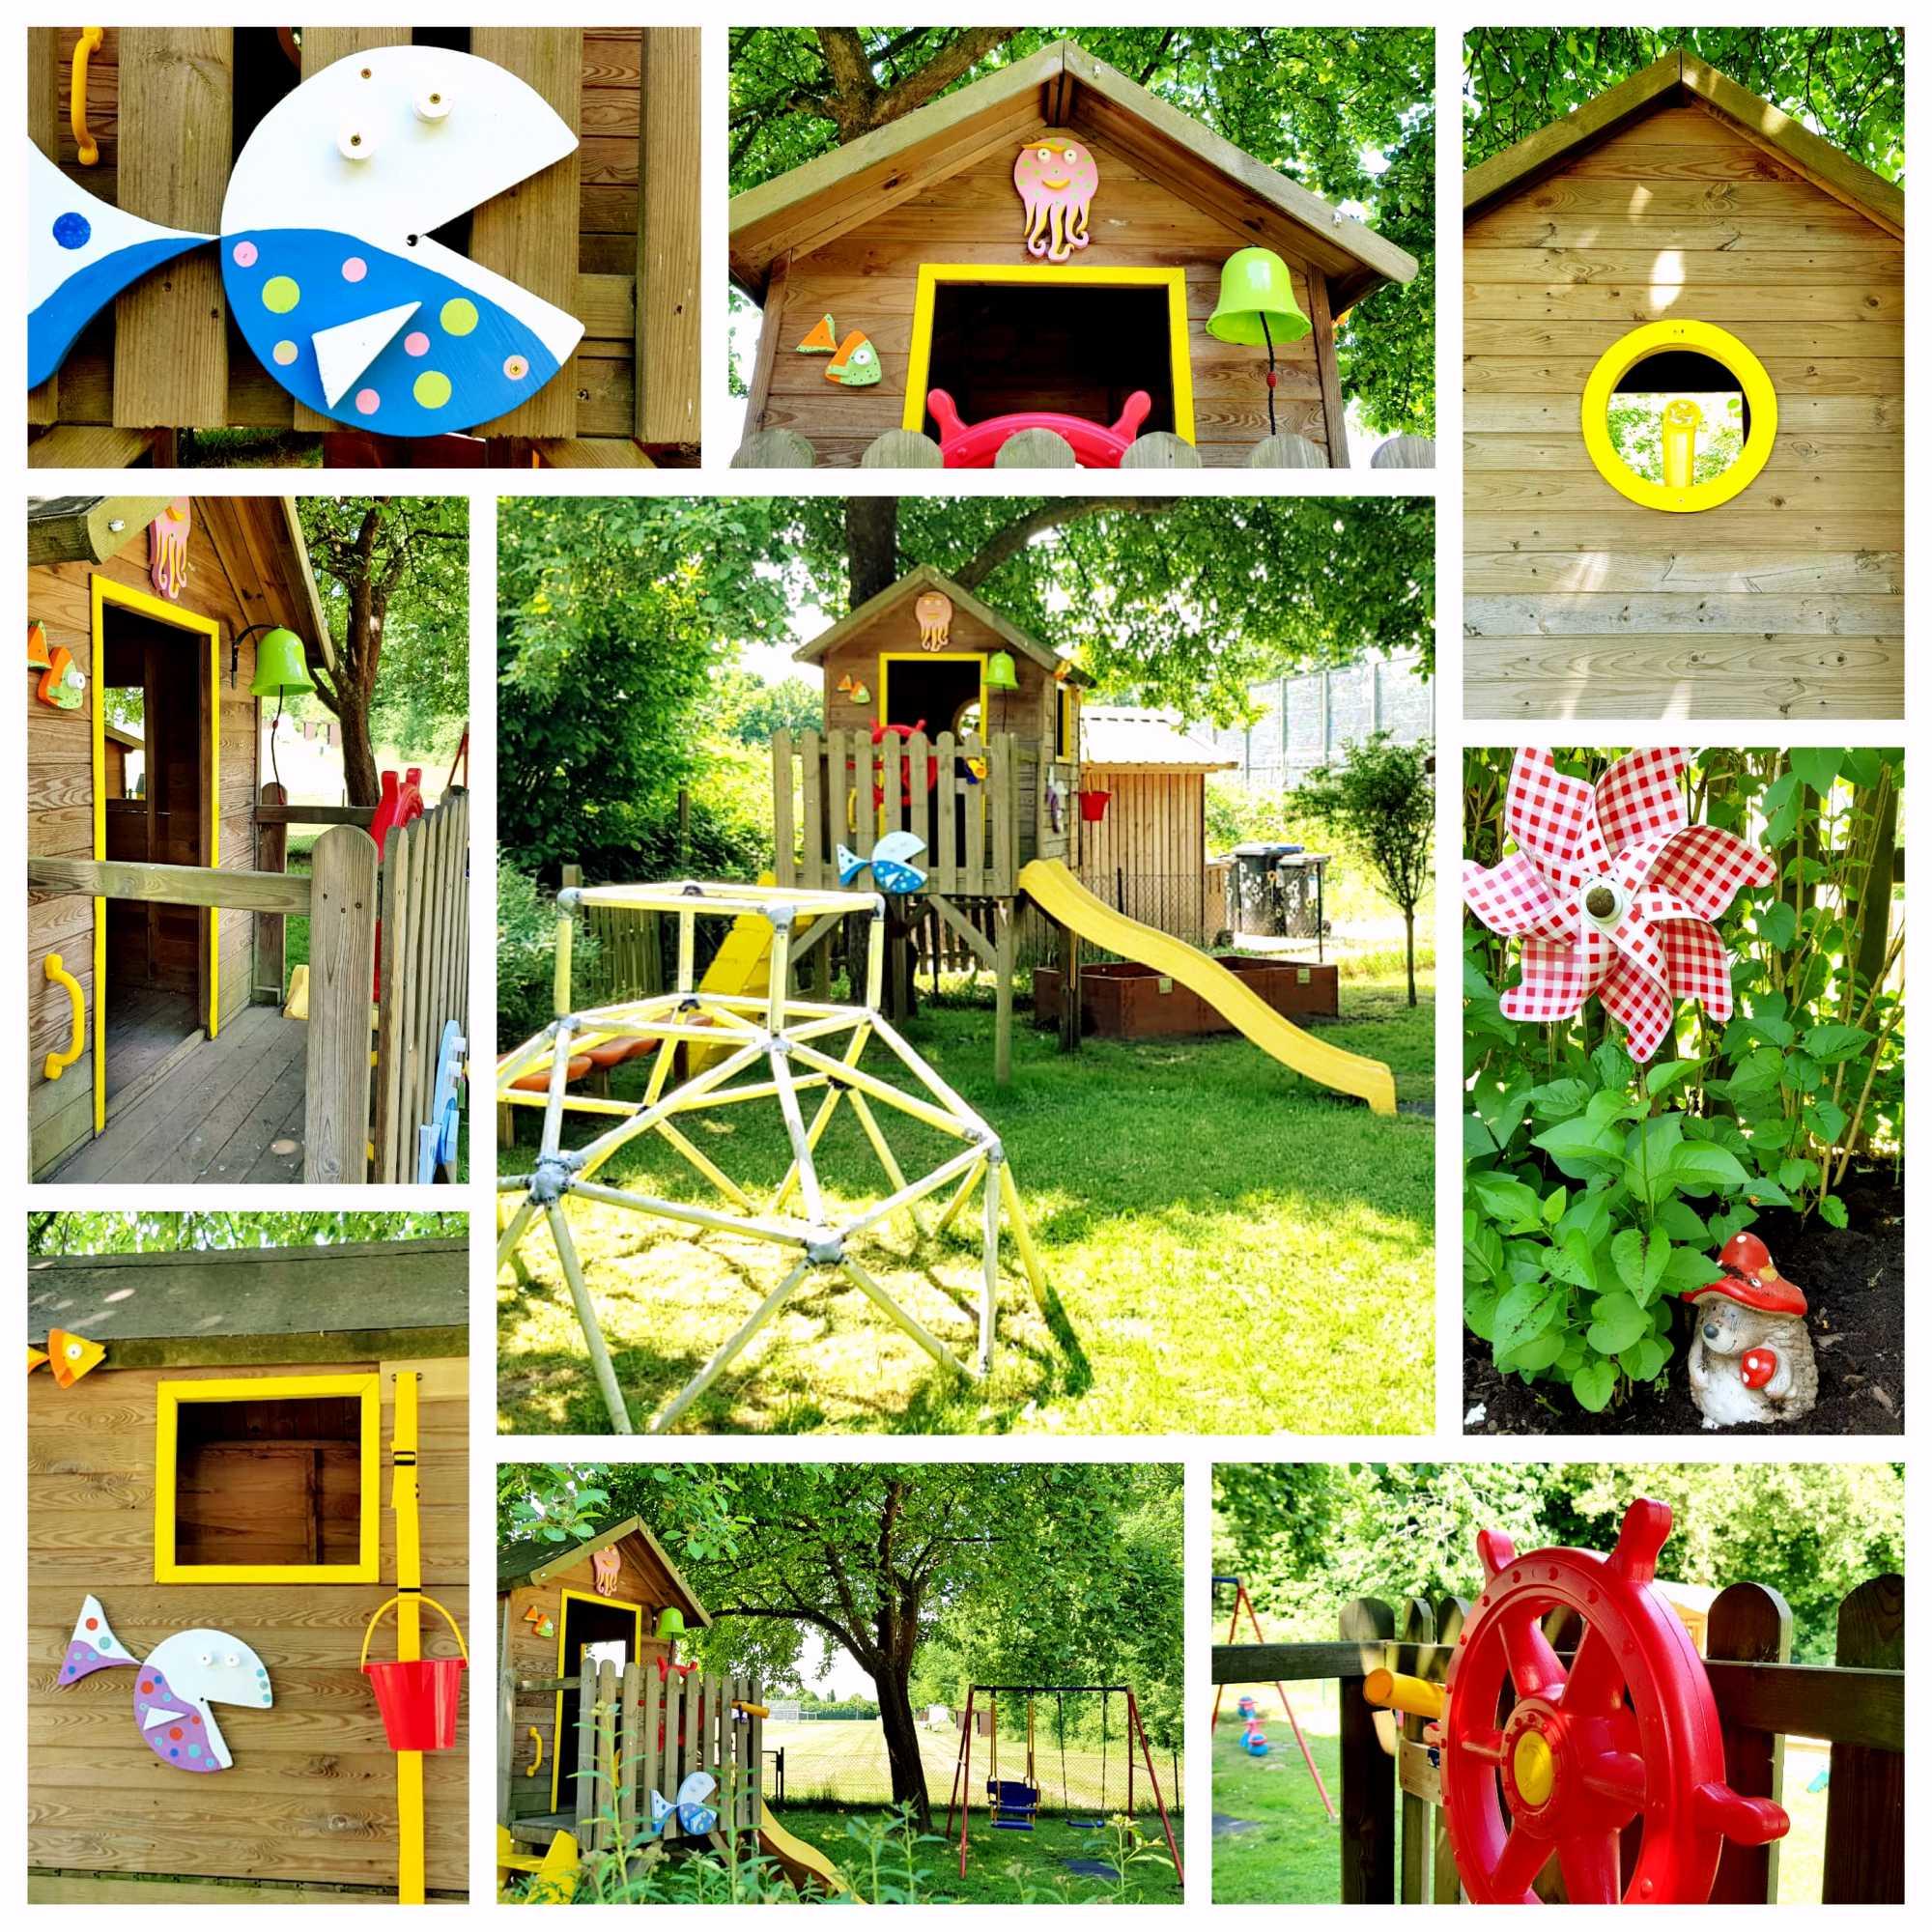 Kita Kid Zone Krippe 1 1 - Obst- und Erlebnisgarten